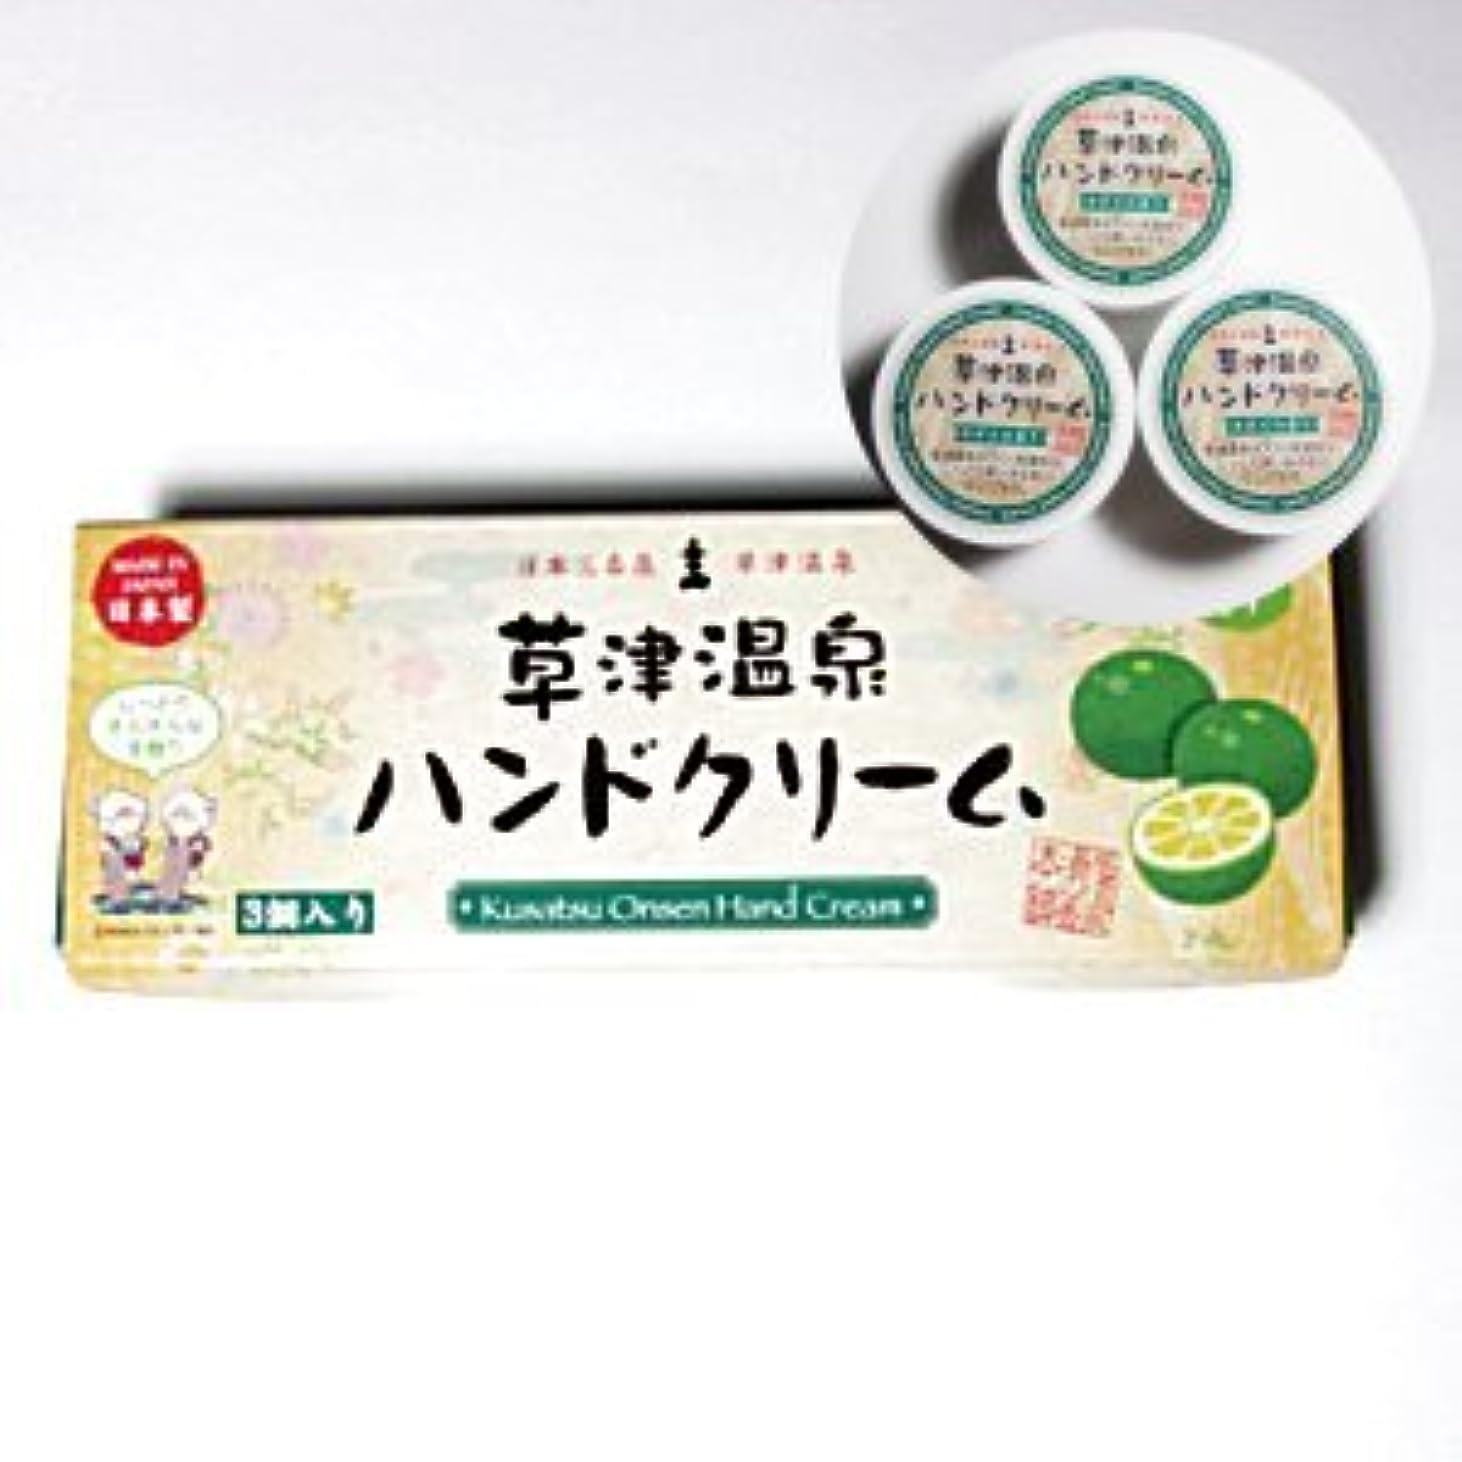 ランドリー精査する習字草津温泉ハンドクリーム カボスの香り 15gx3